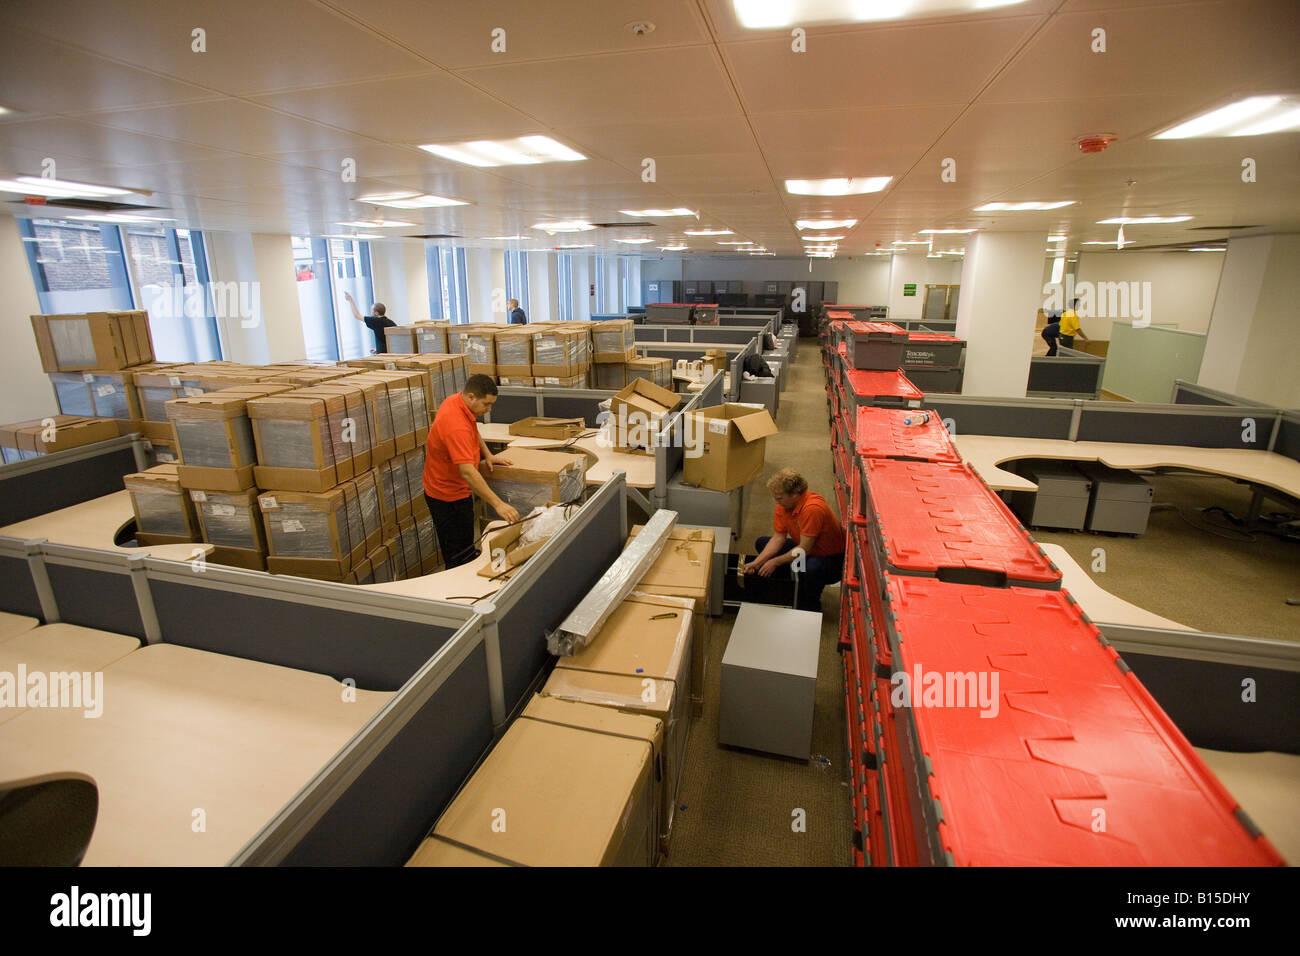 Ouvriers déballer la nouvelle classeurs tout en équipement d'un bâtiment nouvellement construit. Photo Stock